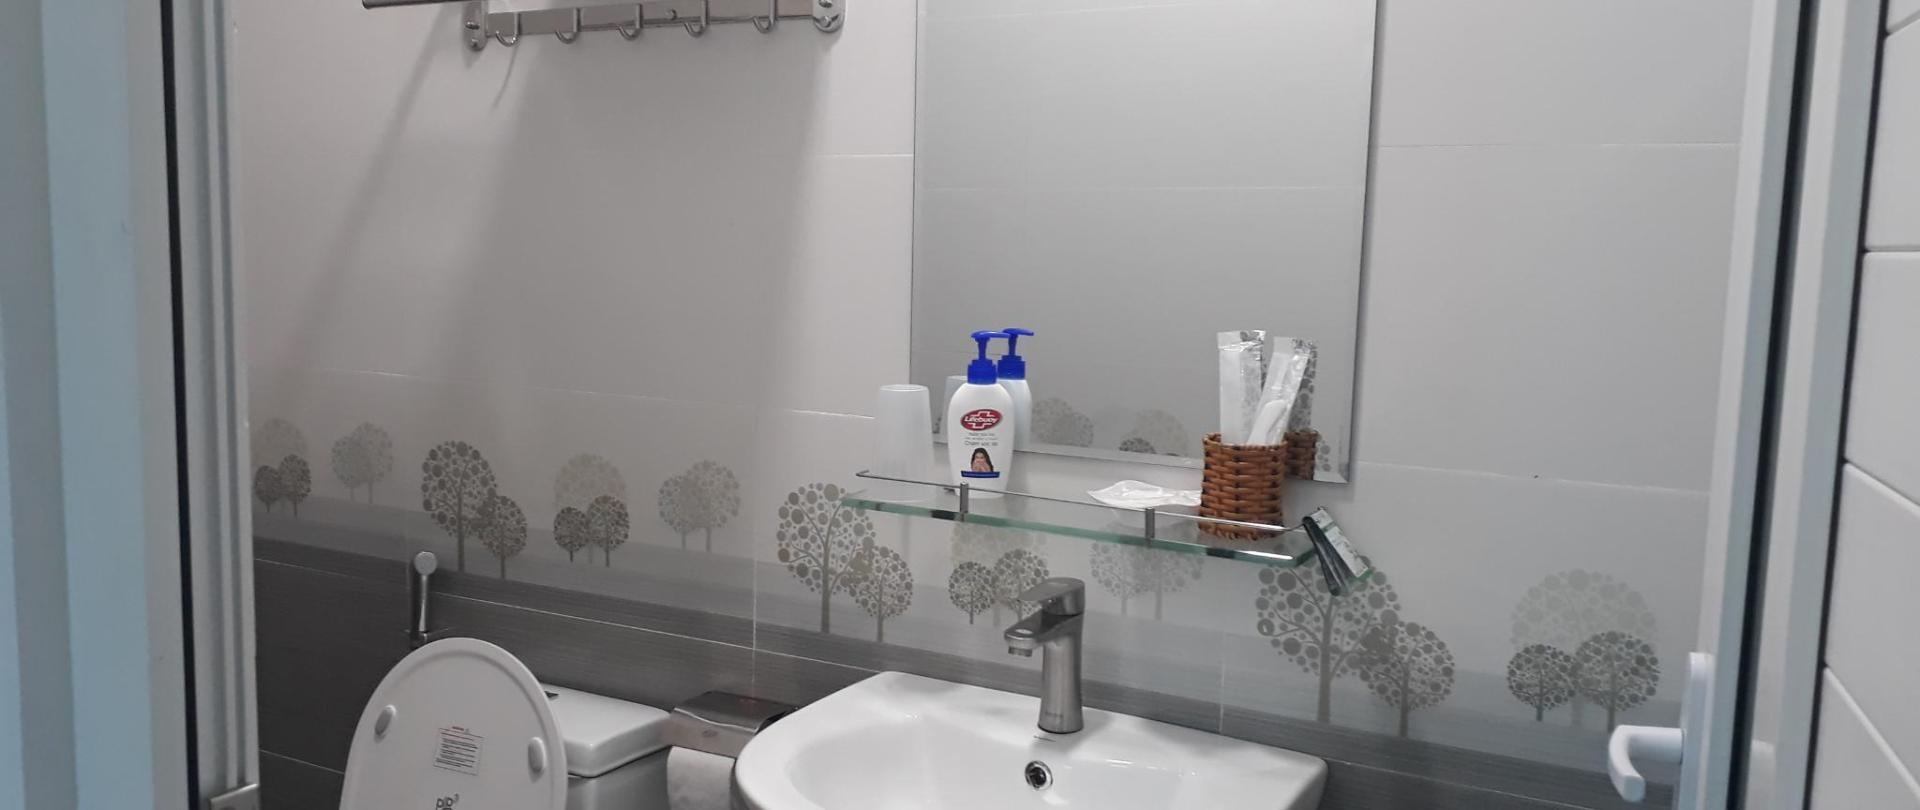 Toilet phòng đơn 3.jpg